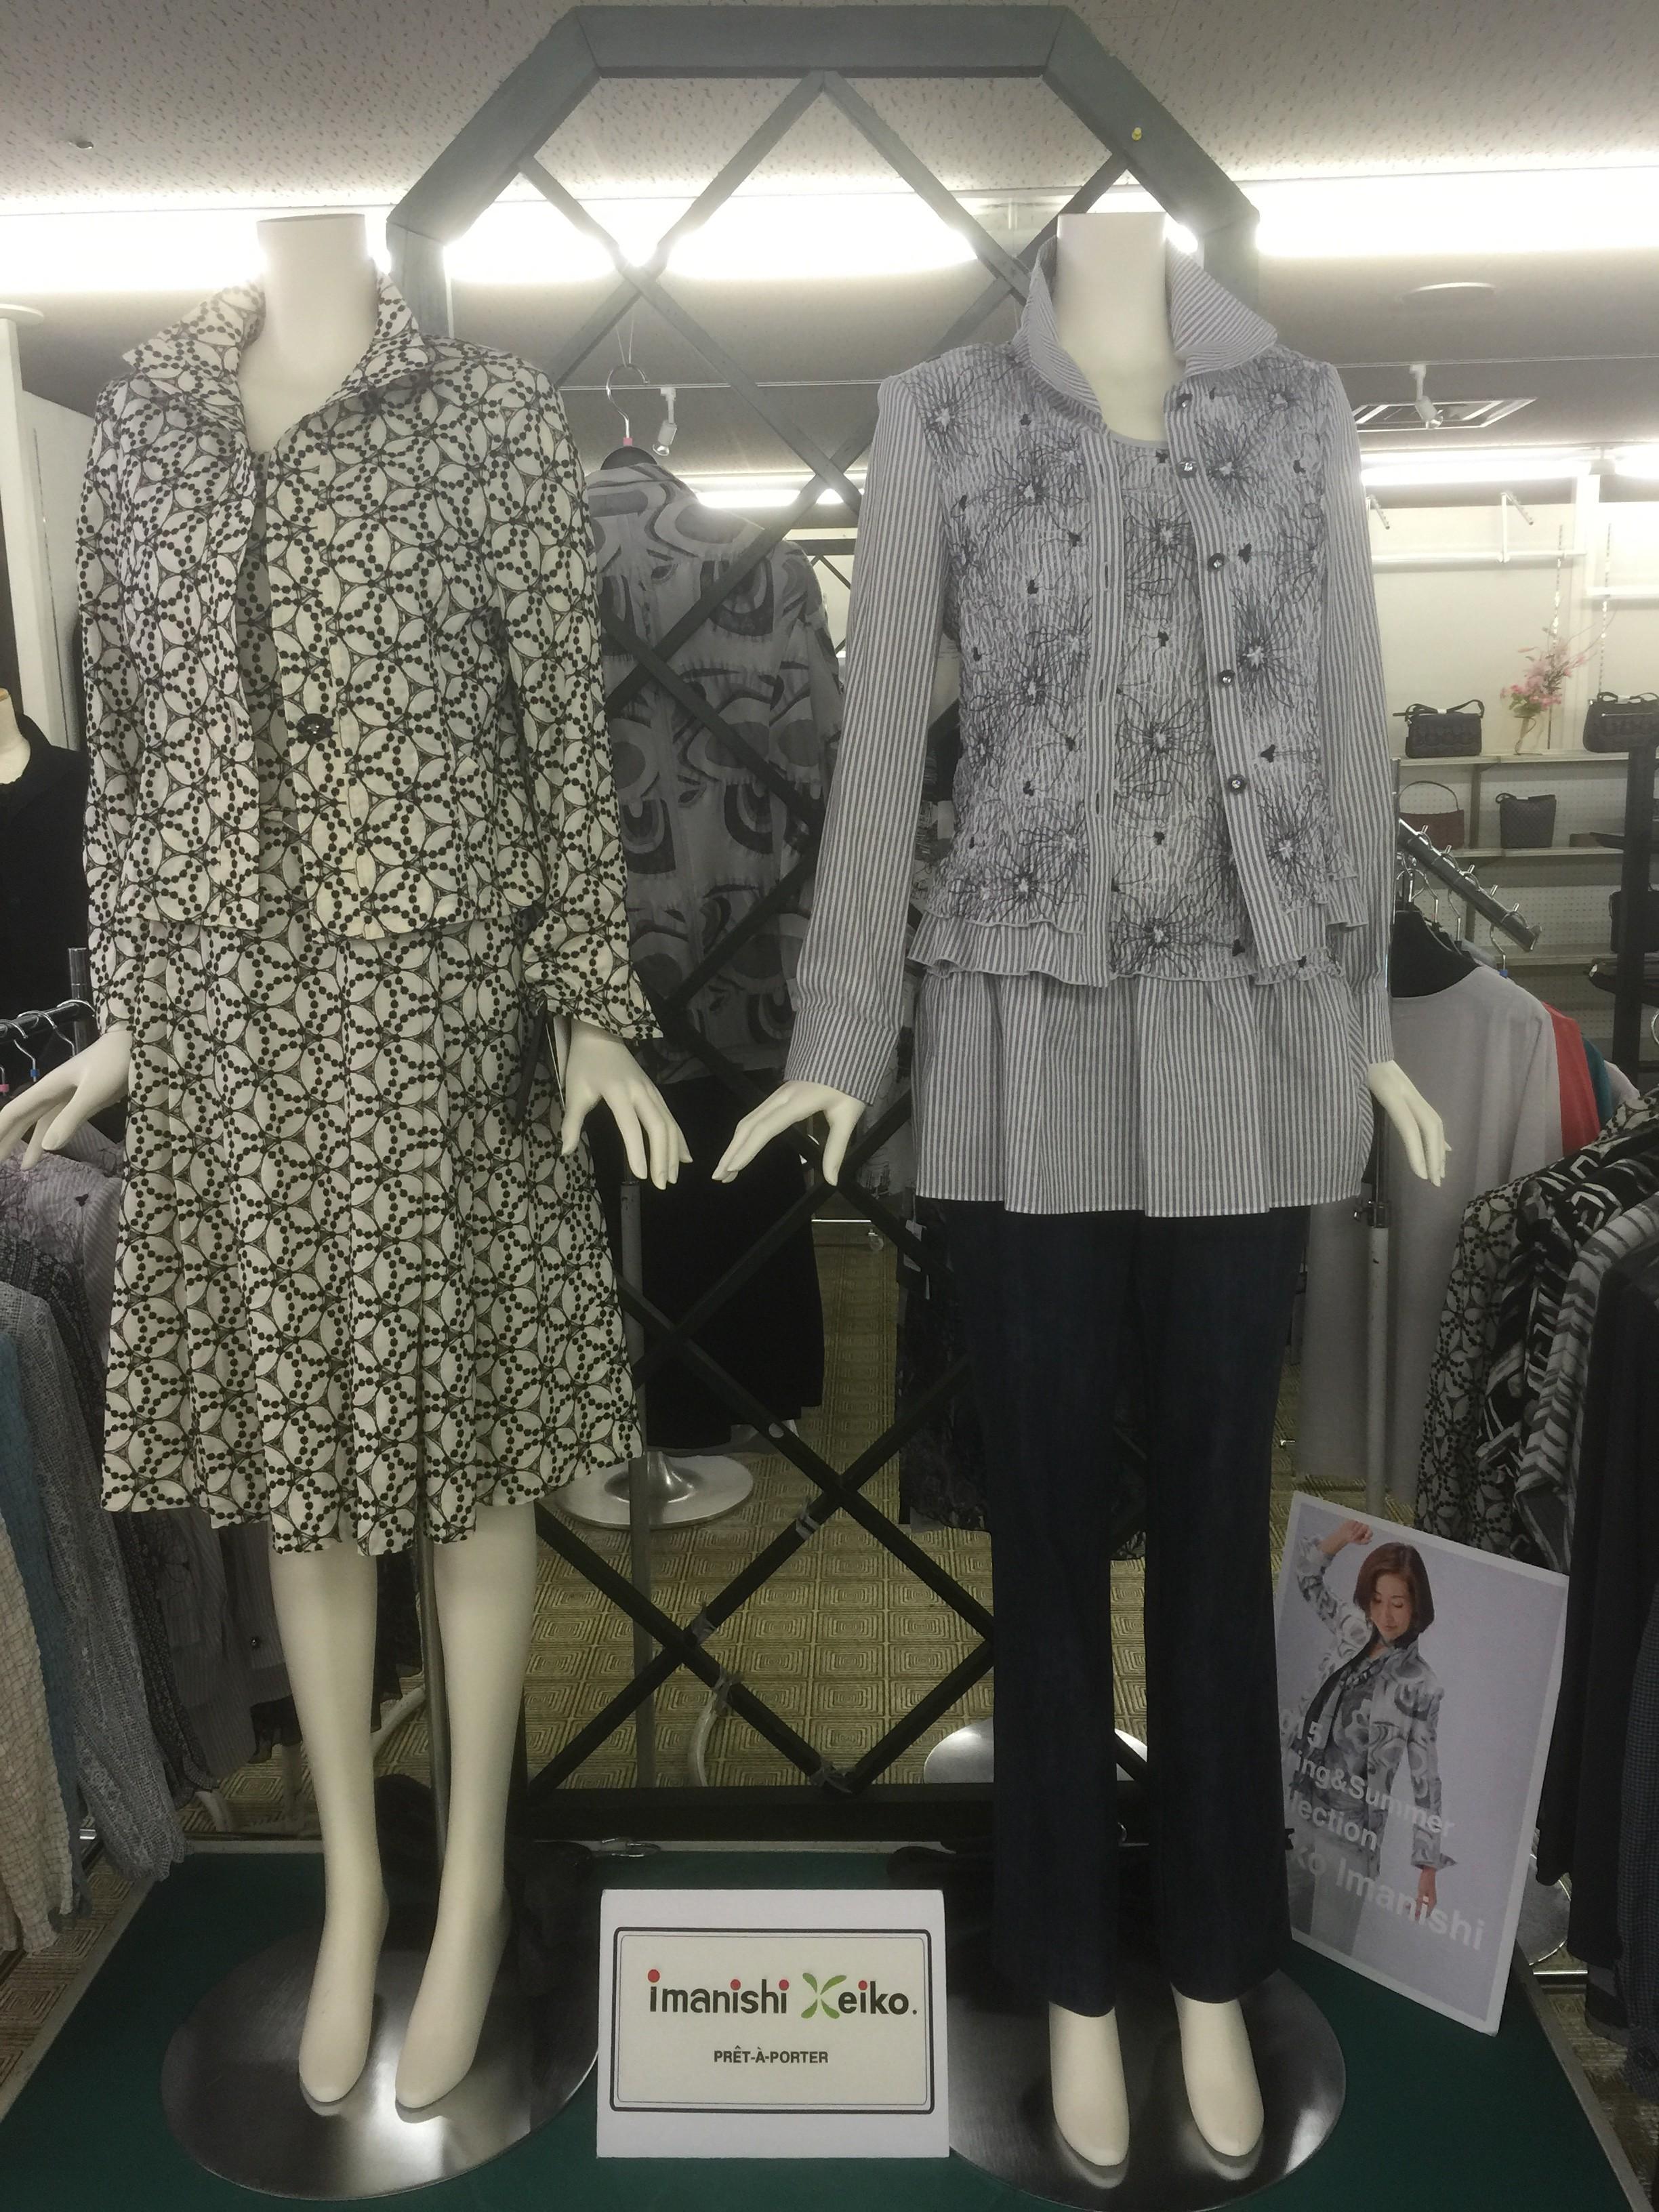 2015 春物衣料品販売会(グランドコレクション)開催中:画像